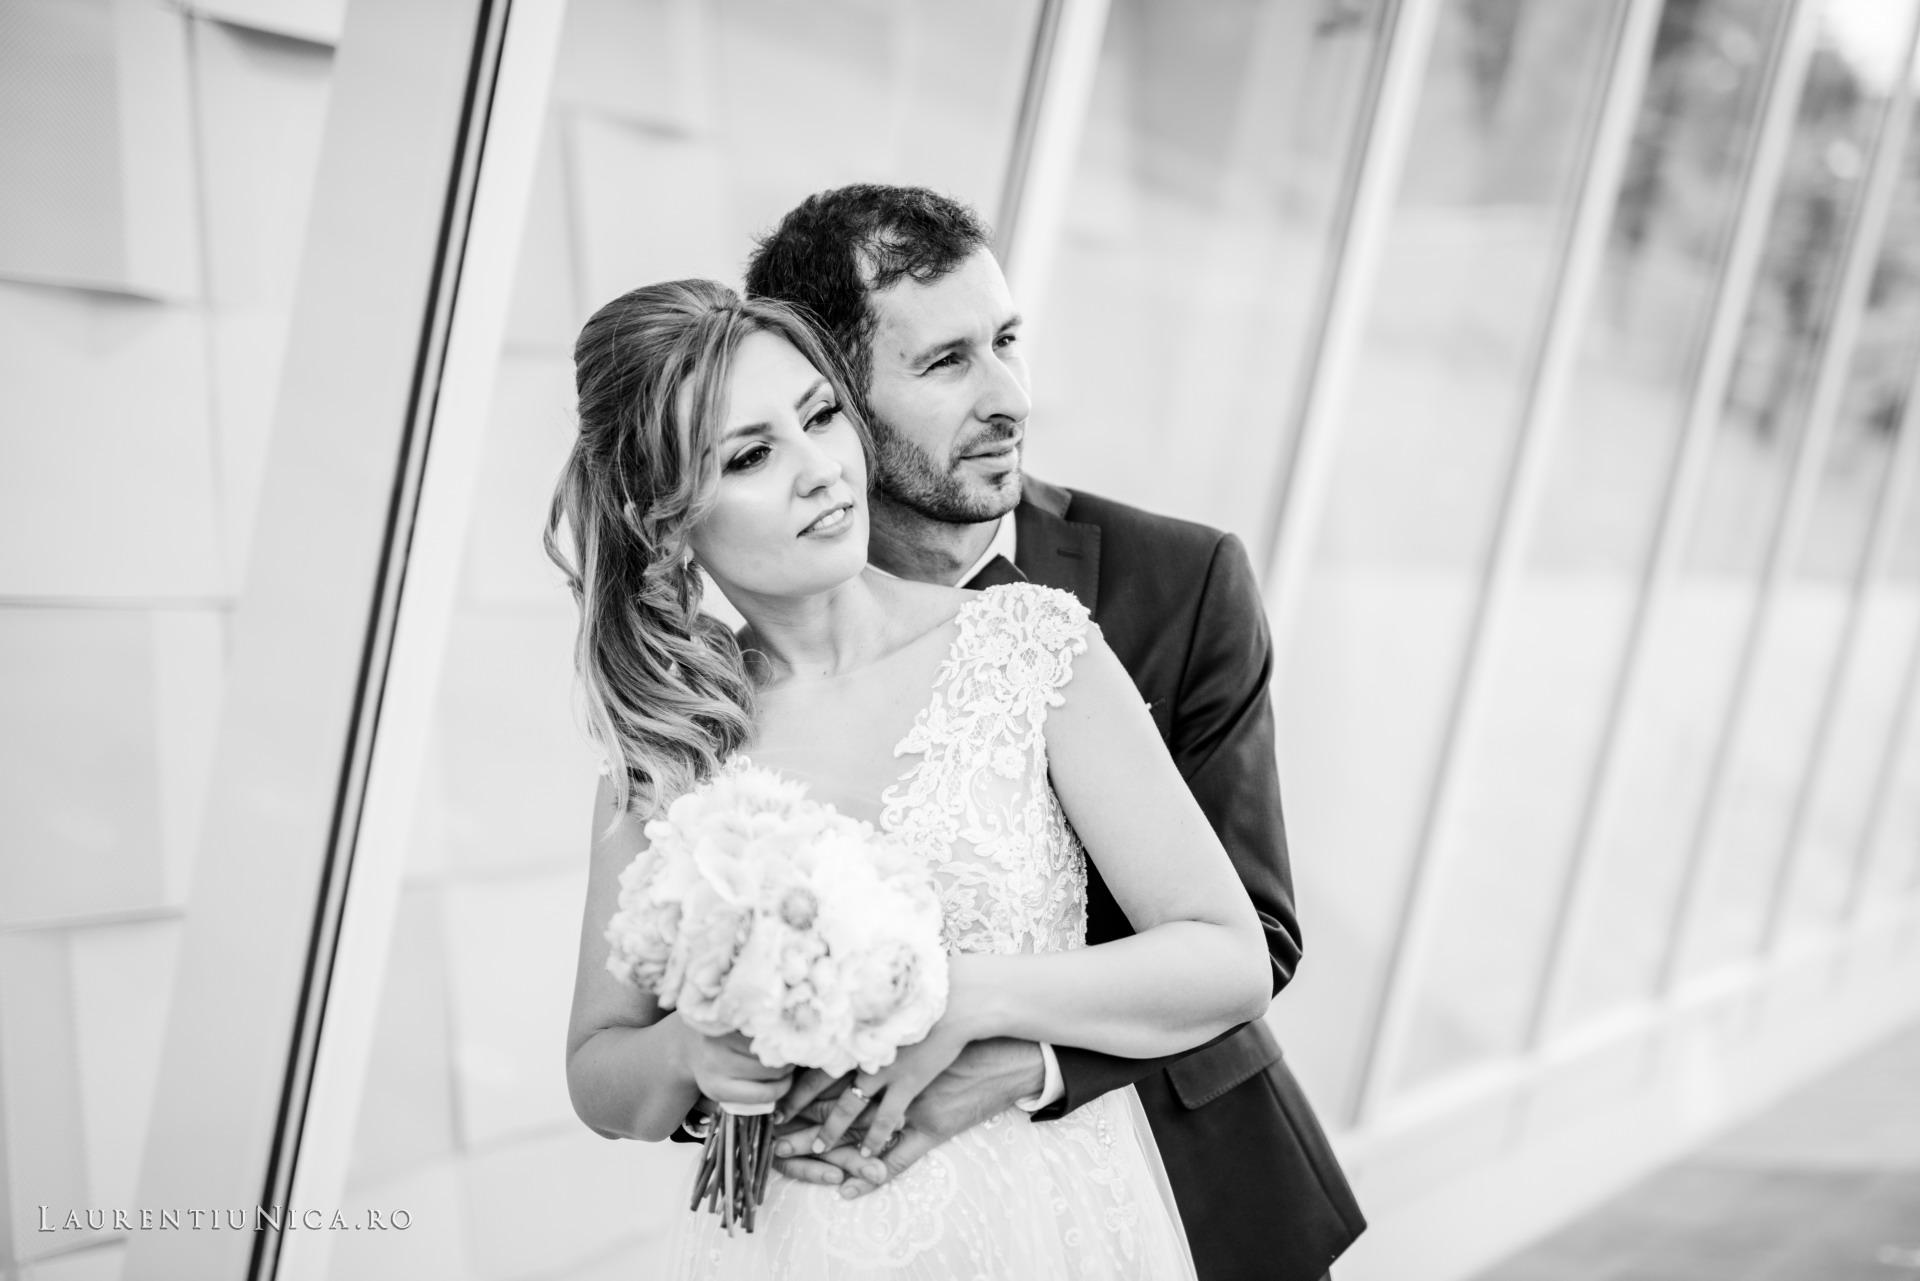 carolina si sorin craiova fotograf nunta laurentiu nica41 - Carolina & Sorin | Fotografii nunta